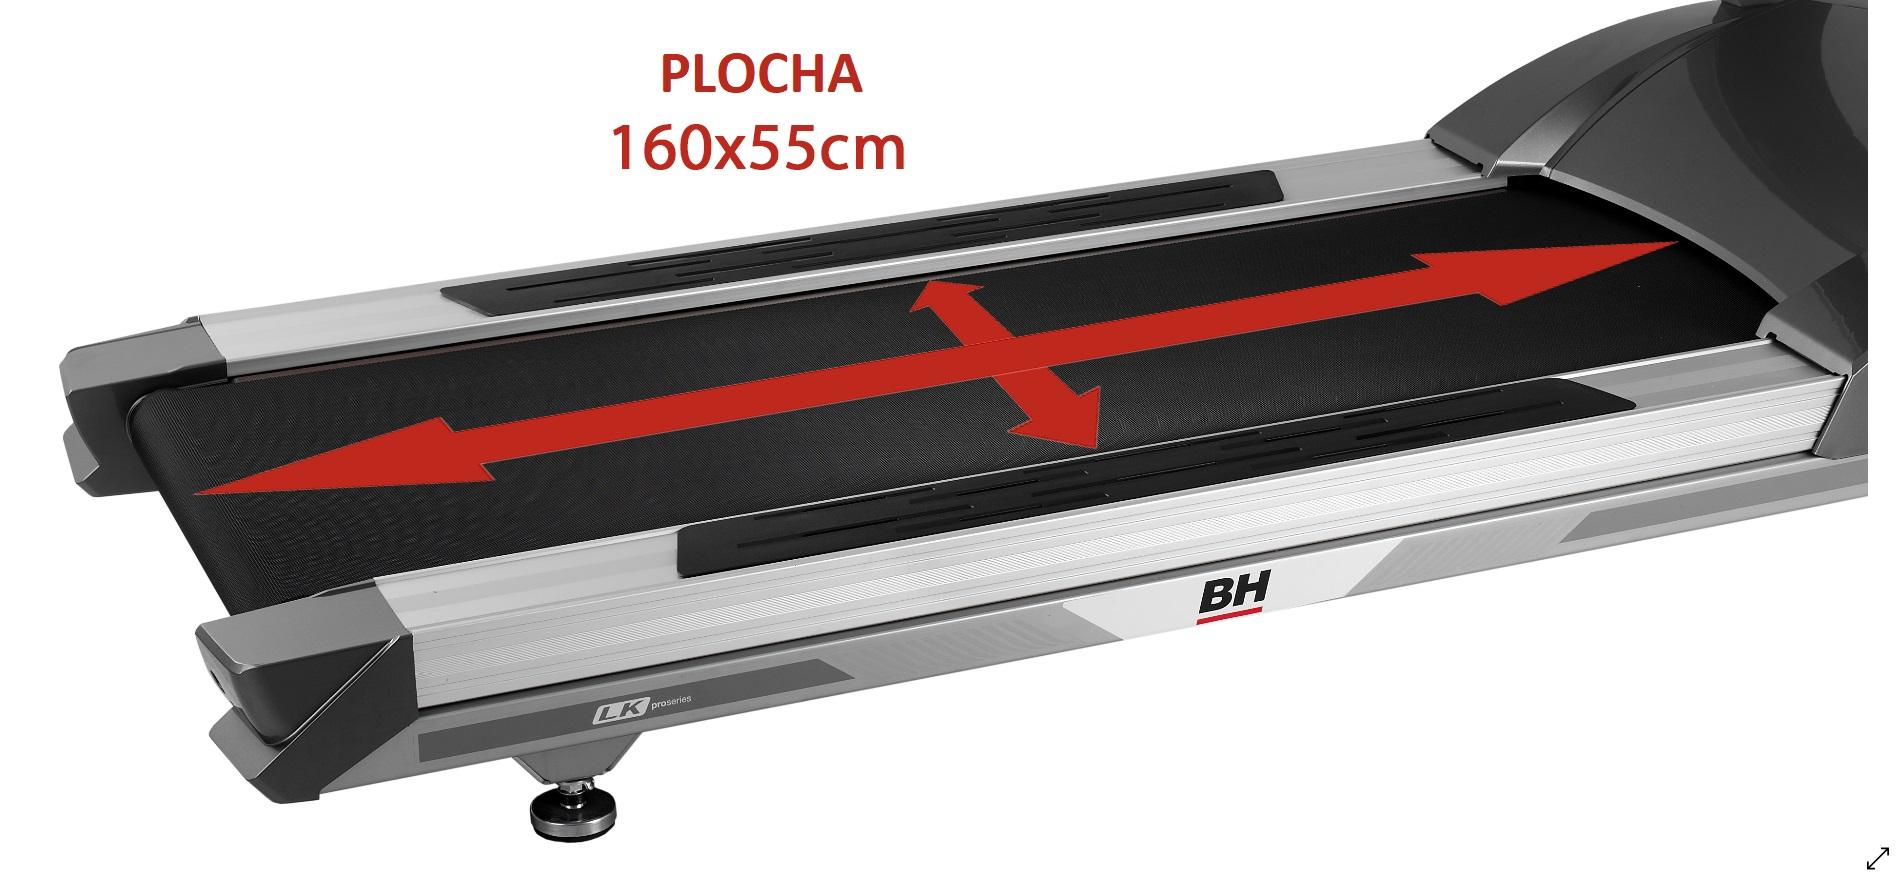 BH Fitness LK6800 běžecká plocha